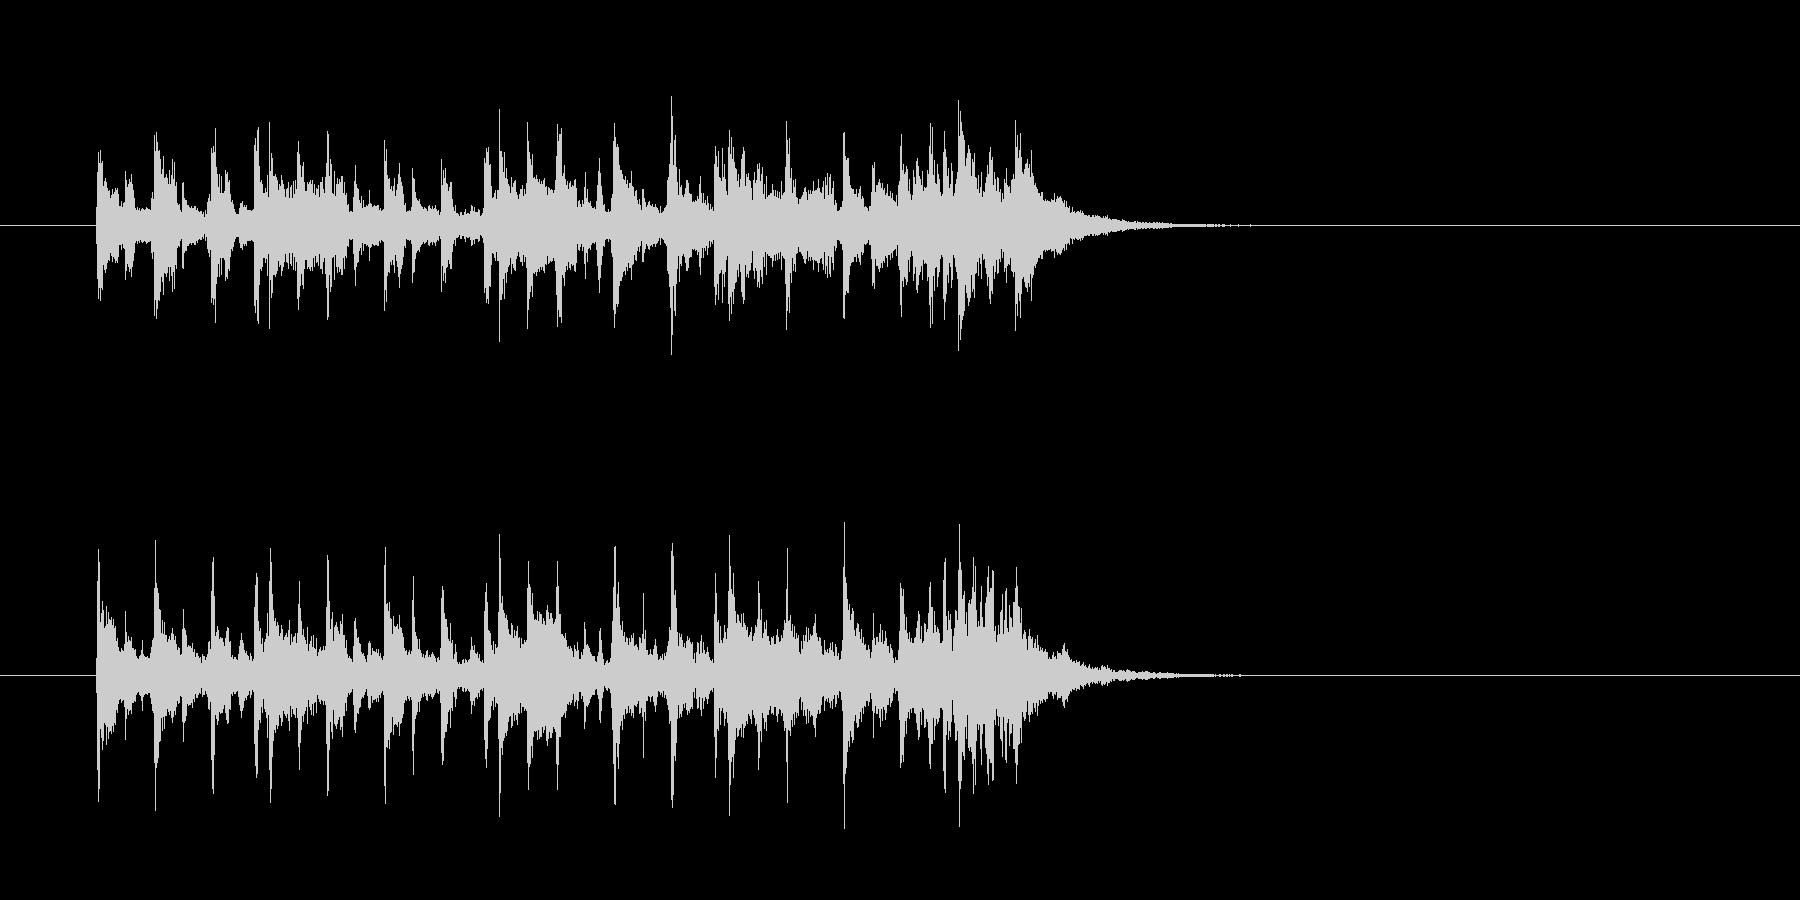 コミカル 怪しい 奇妙 シンセサイザーの未再生の波形